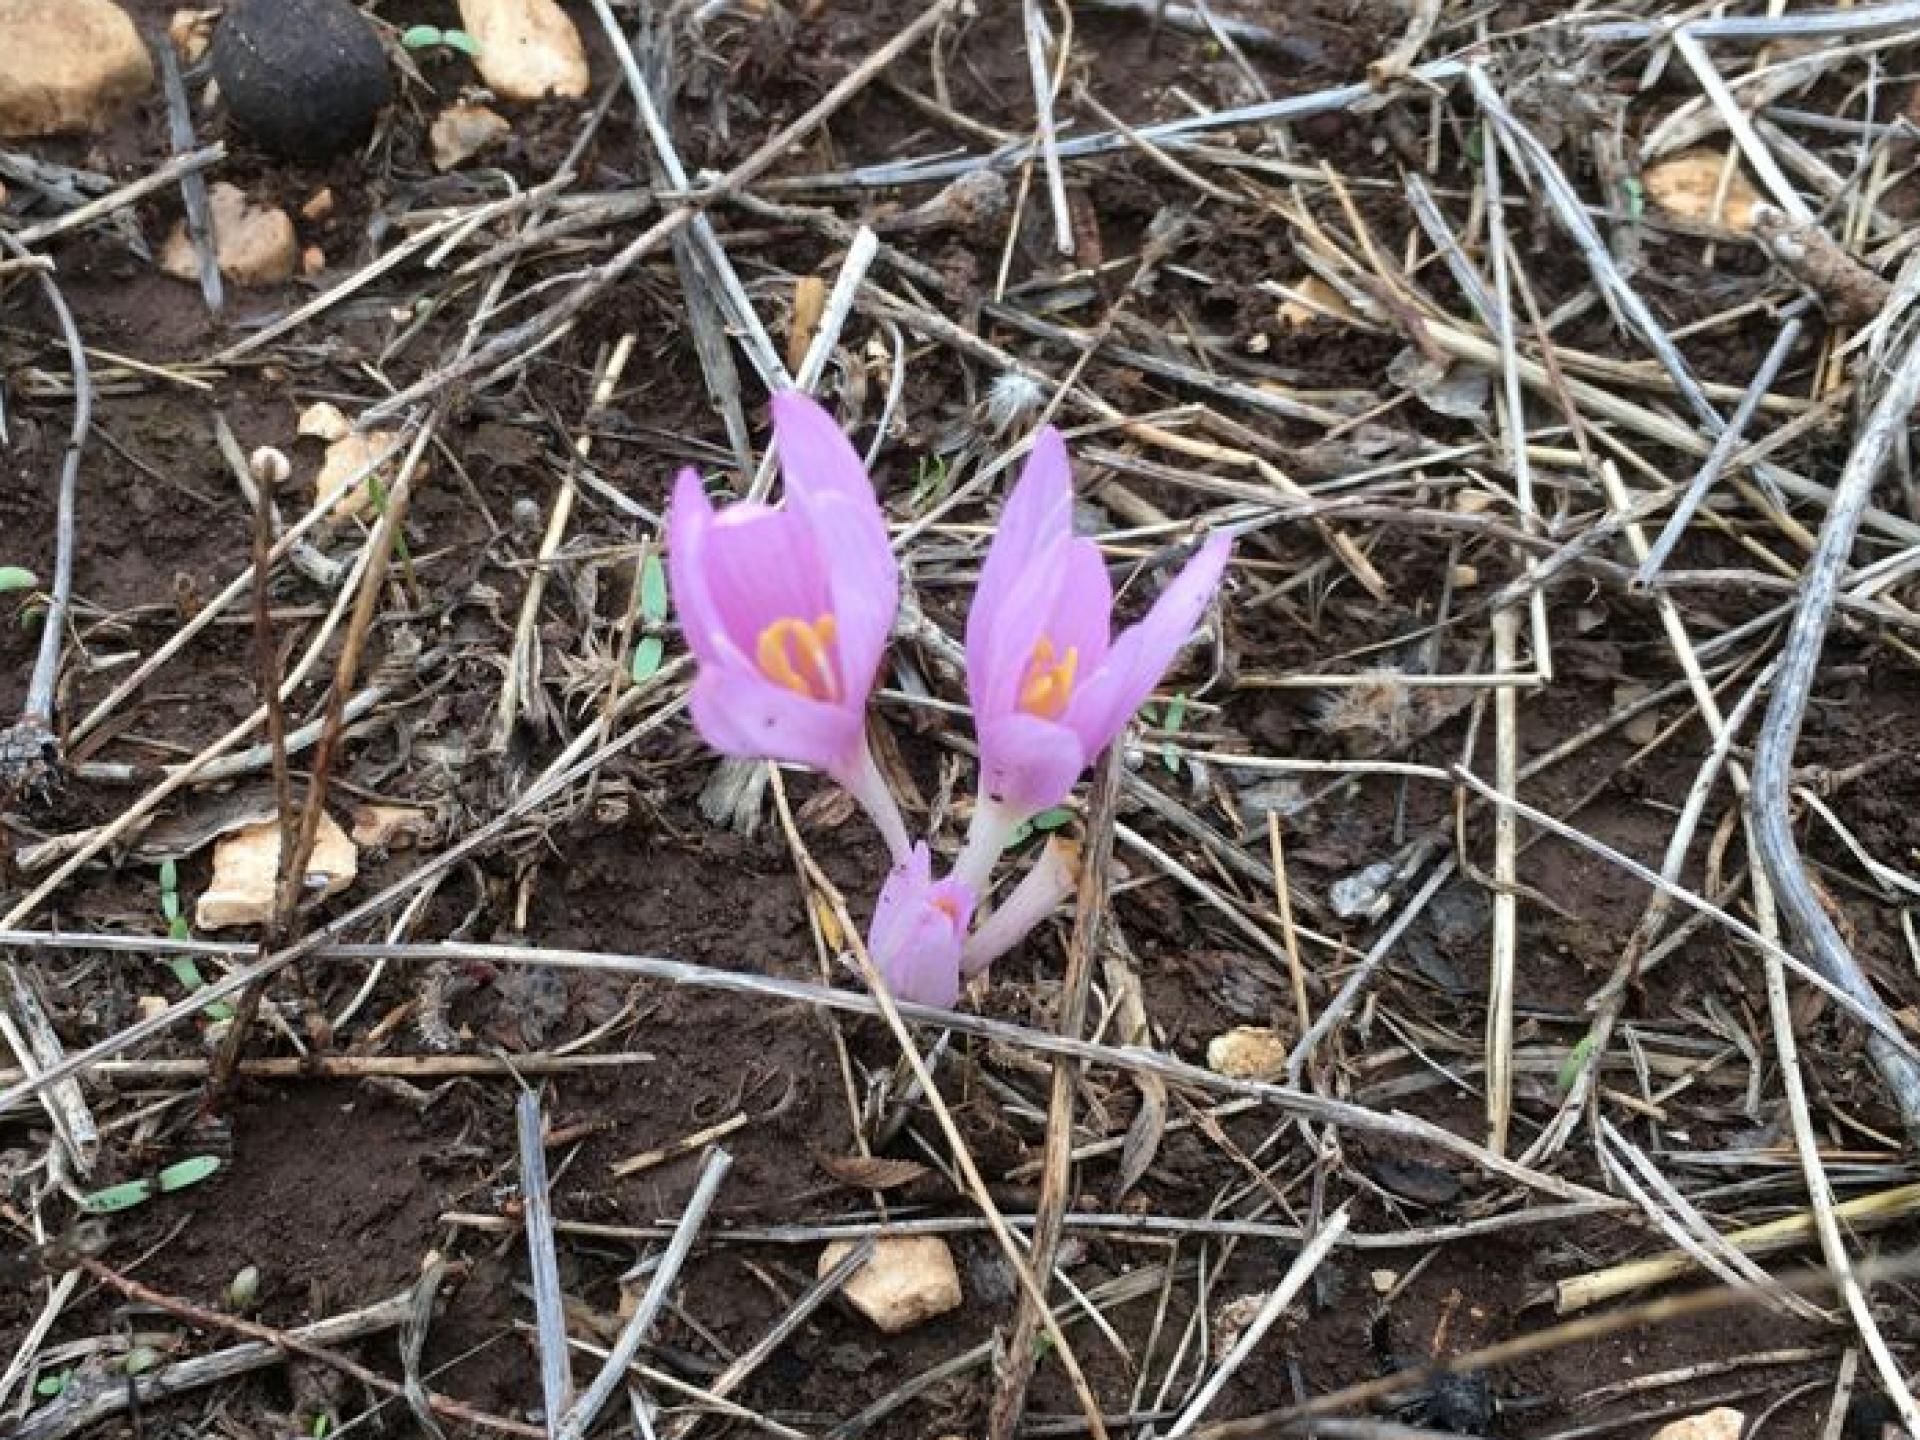 Hermesh: Light purple flower